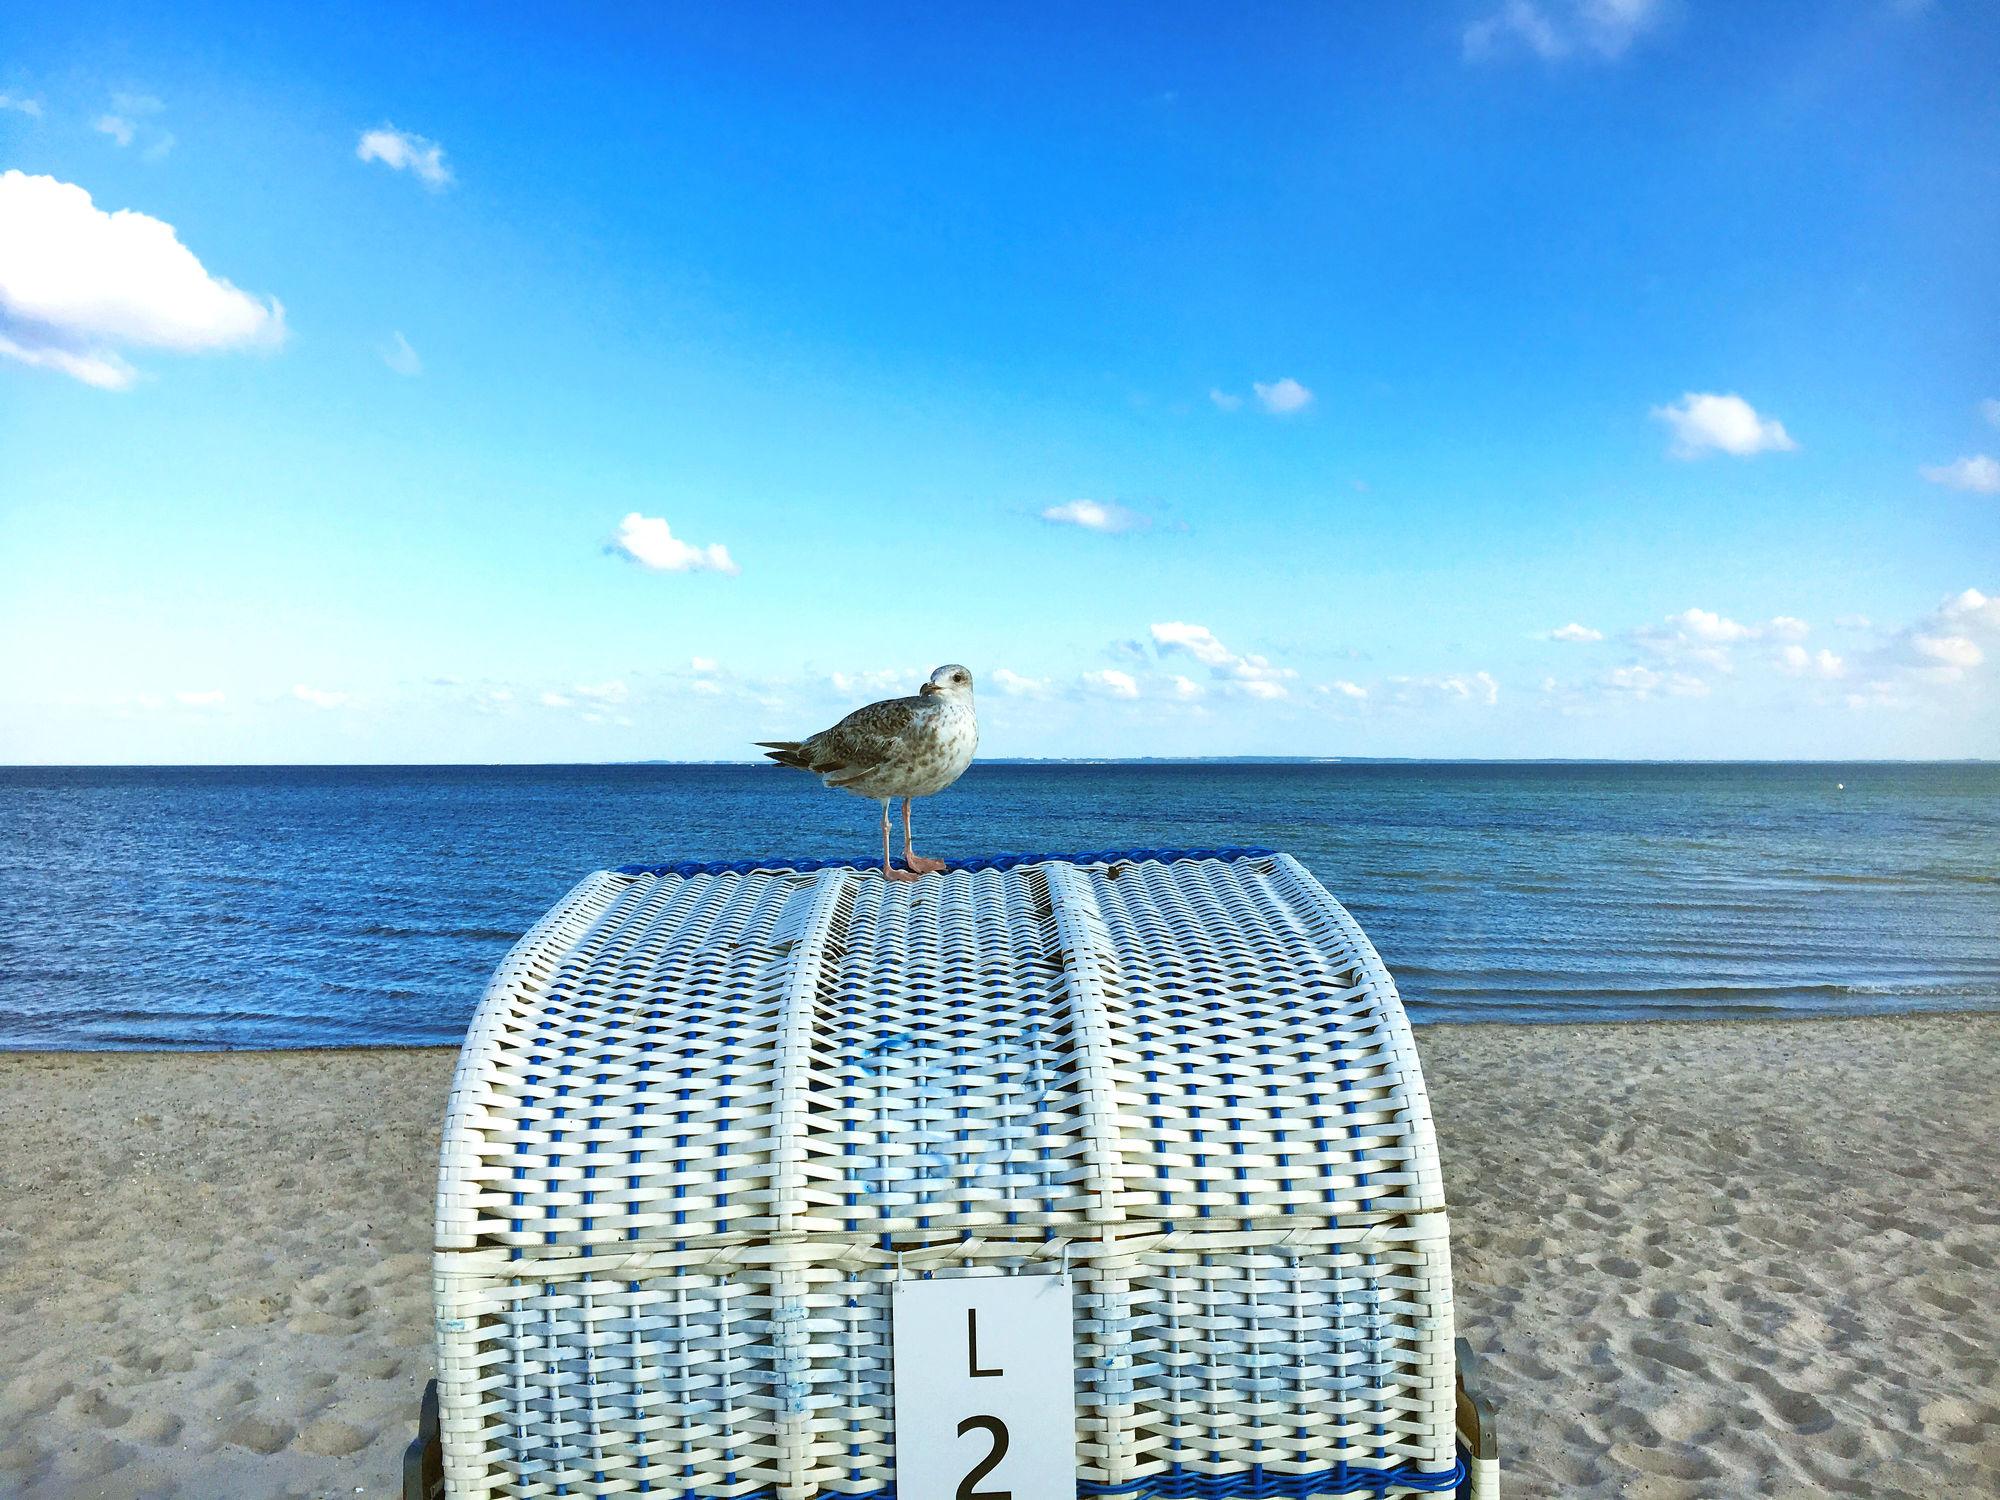 Bild mit Natur, Himmel, Strände, Horizont, Sand, Urlaub, Strand, Strandblick, Meerblick, Strandkörbe, Panorama, Lübecker Bucht, Grömitz, Meer, Strandkorb, Landschaft, Möwe, Möve auf Strandkorb, Schleswig, Holstein, Ostholstein